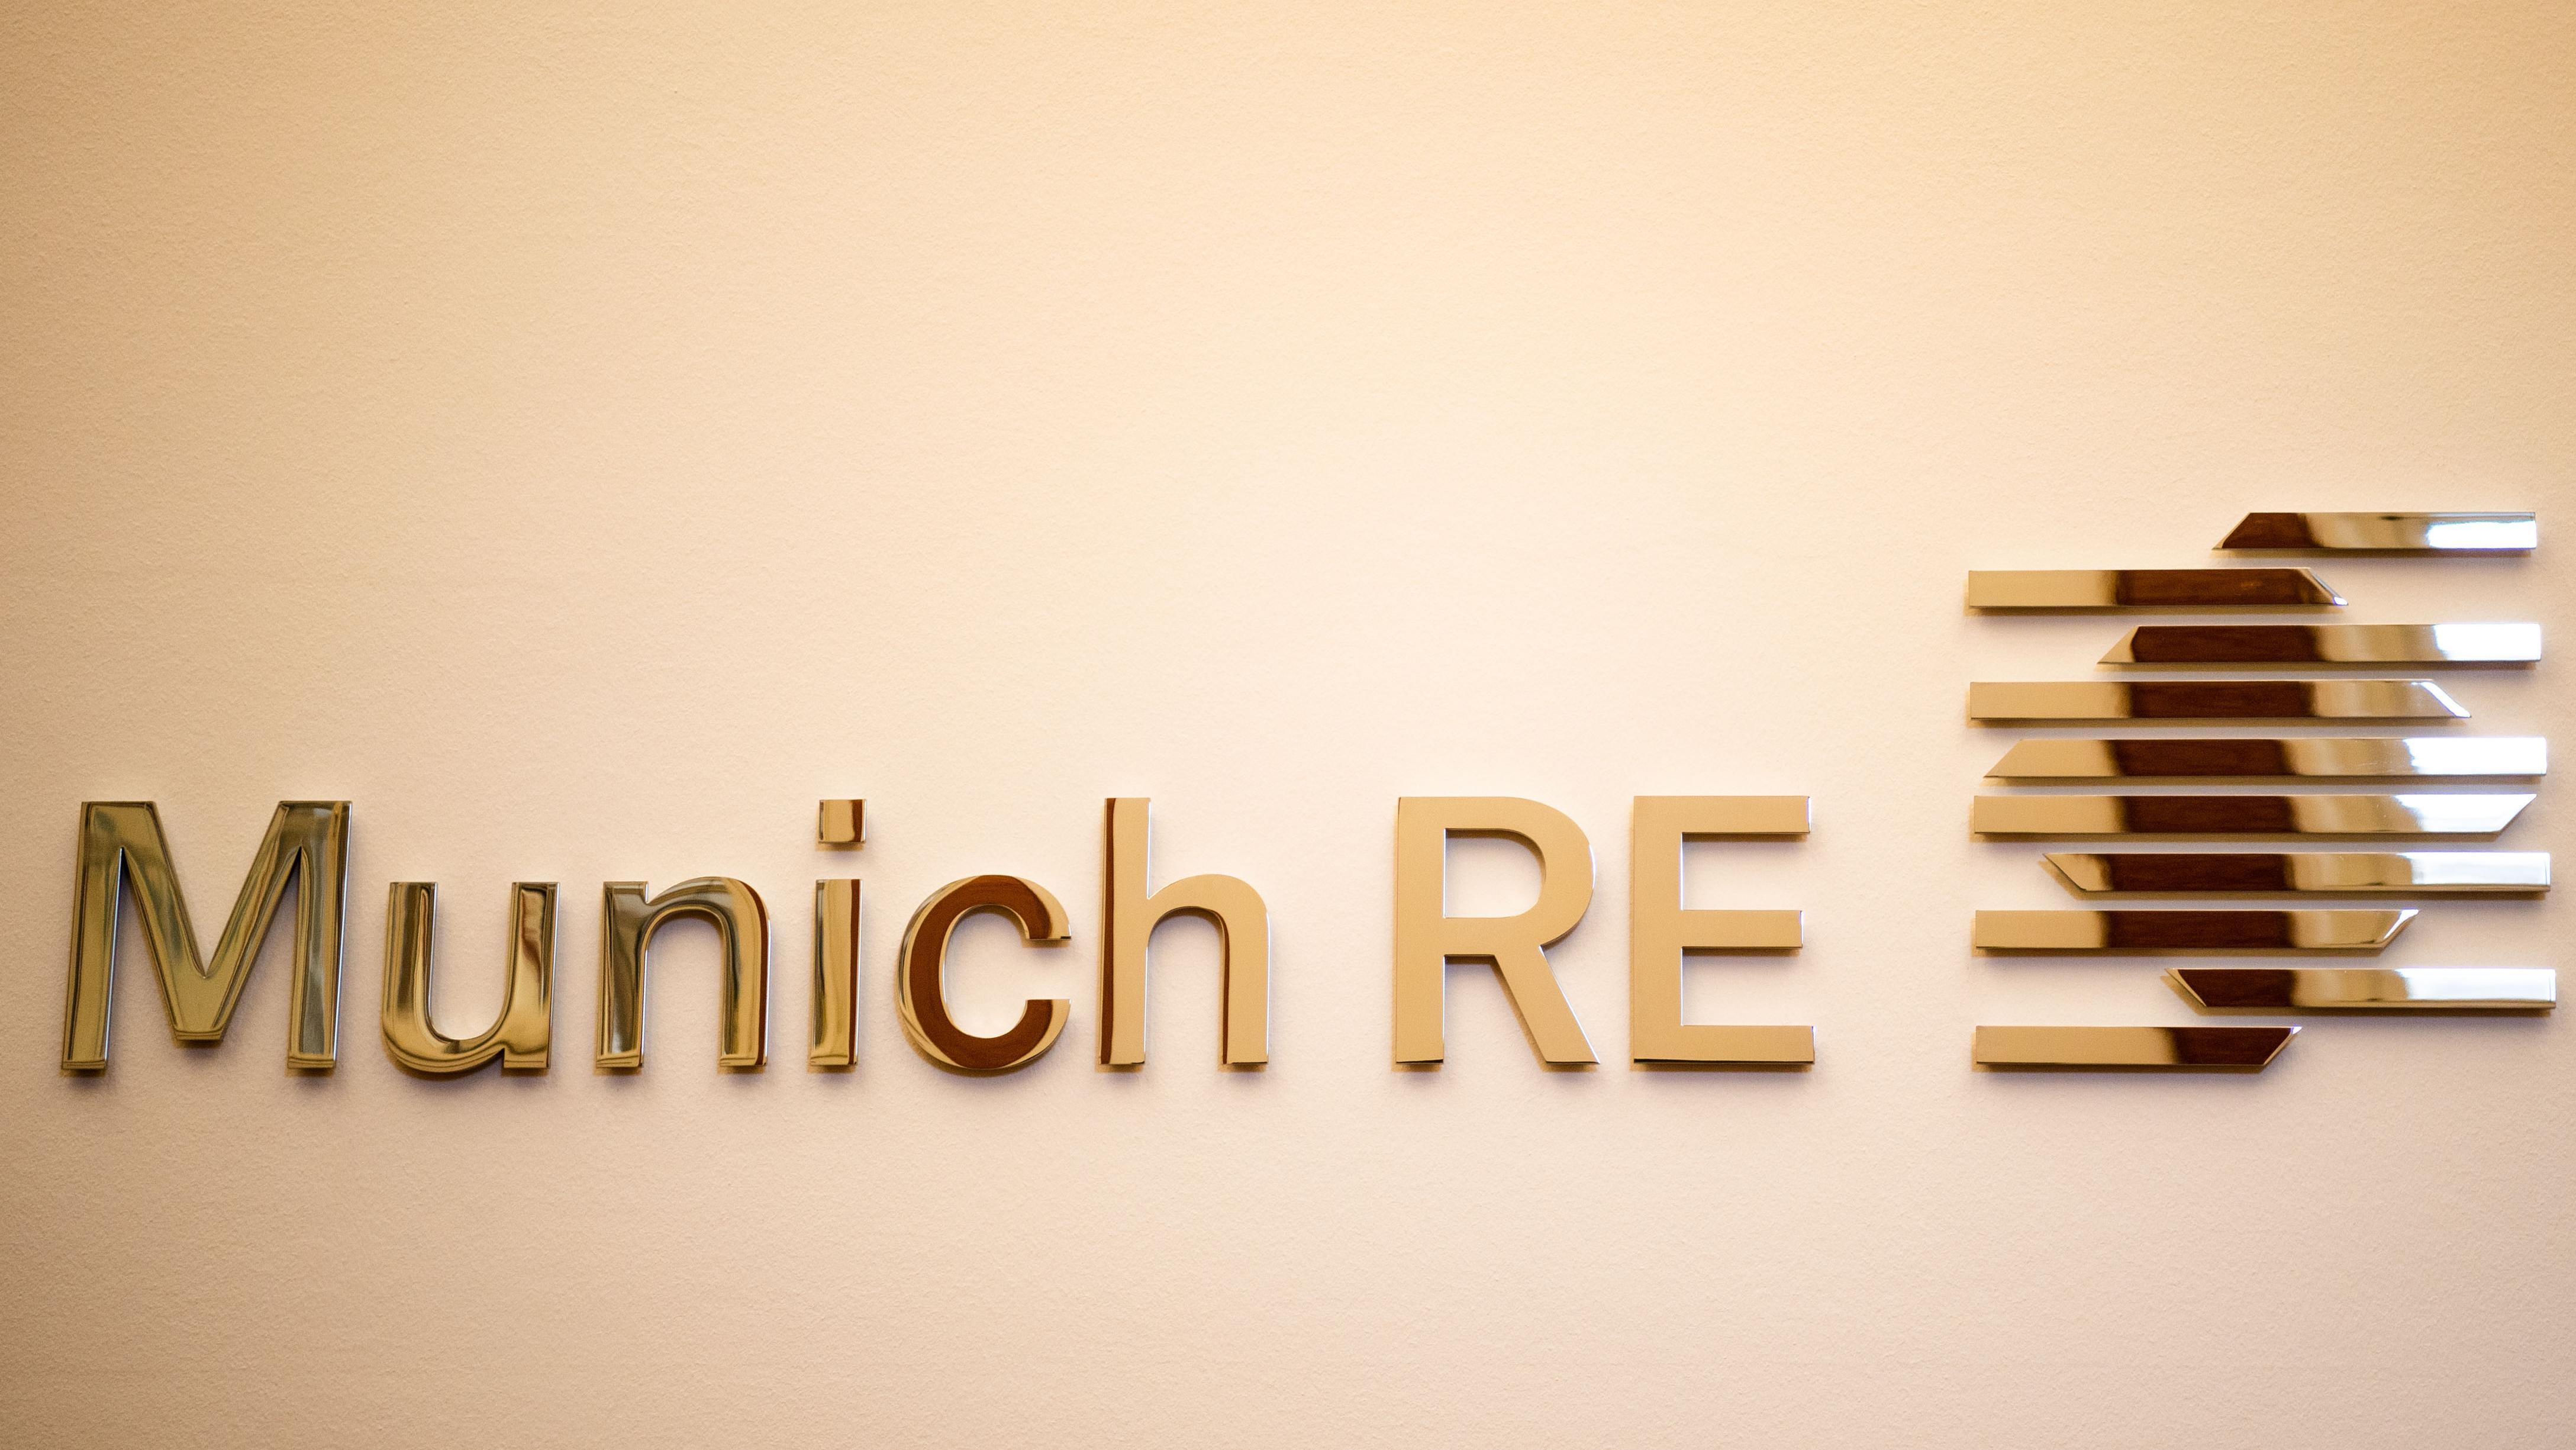 Das Logo der Münchener Rückversicherungs-Gesellschaft (Munich Re) ist in der Lobby des Rückversicherers zu sehen